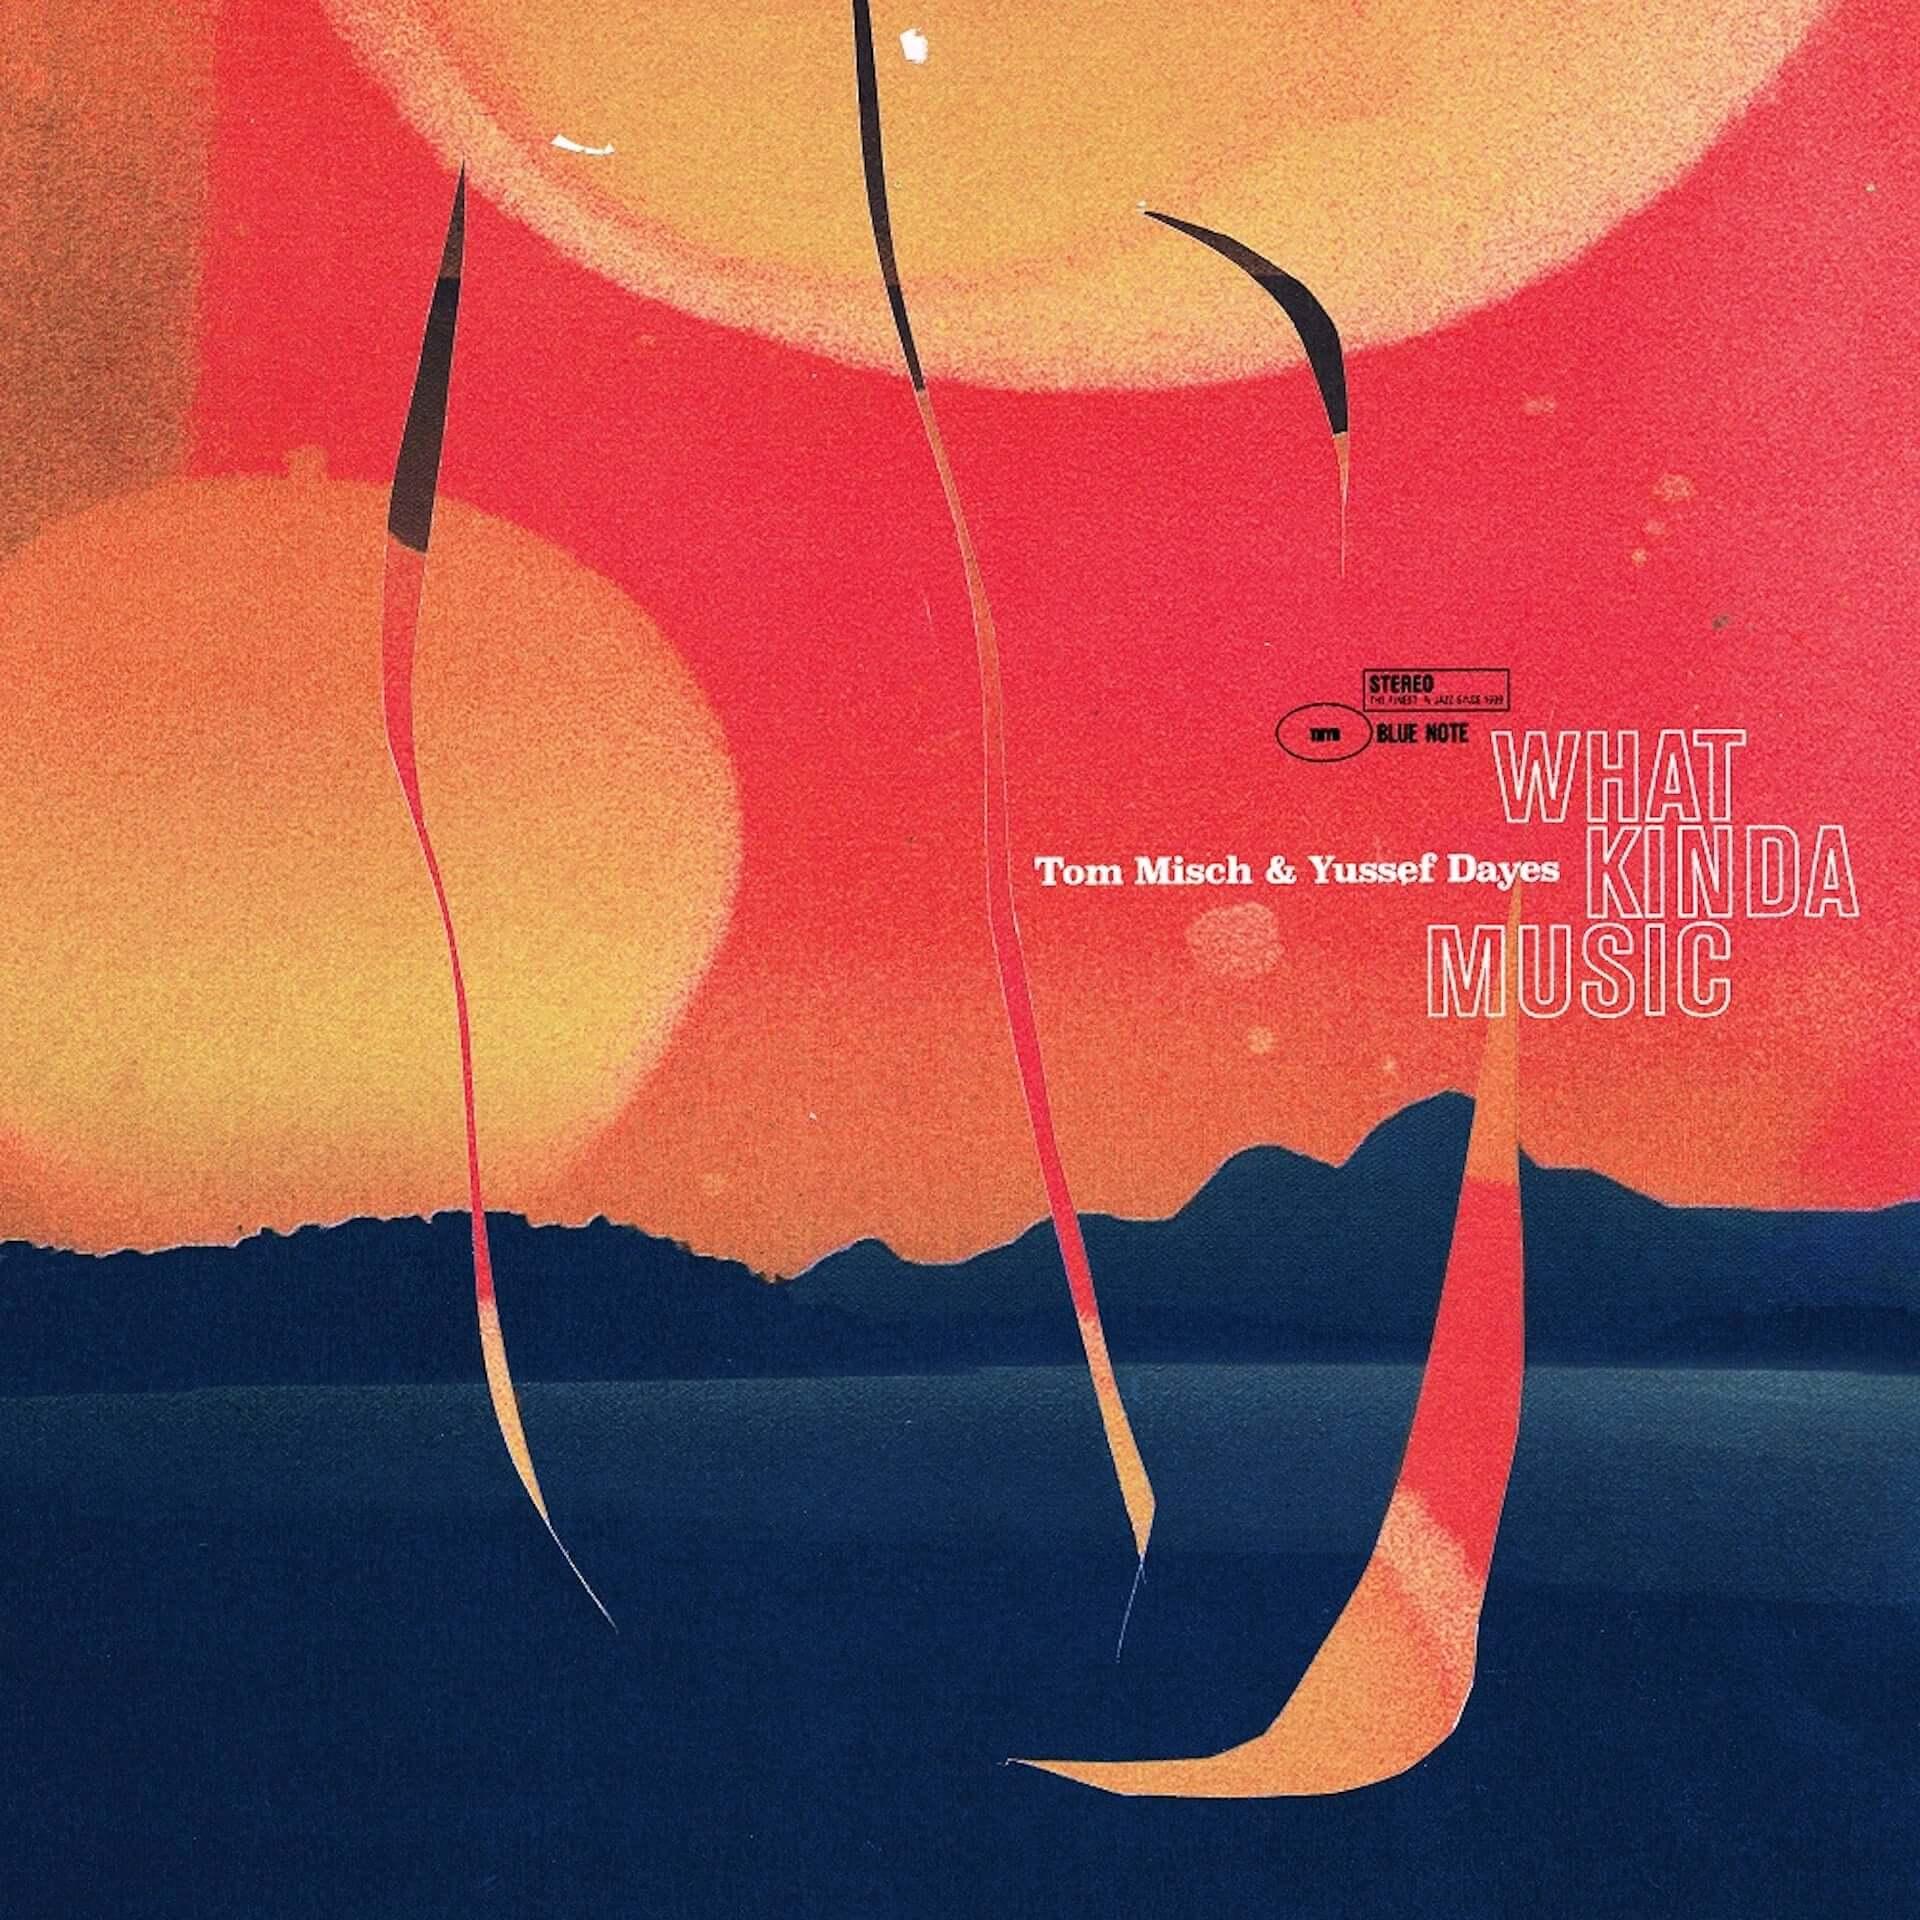 Tom Mischと天才ドラマーYussef Dayesのコラボアルバム『What Kinda Music』からタイトルトラックのMVが解禁!2人のコメントも到着 music200213_whatkindamusic_2-1920x1920